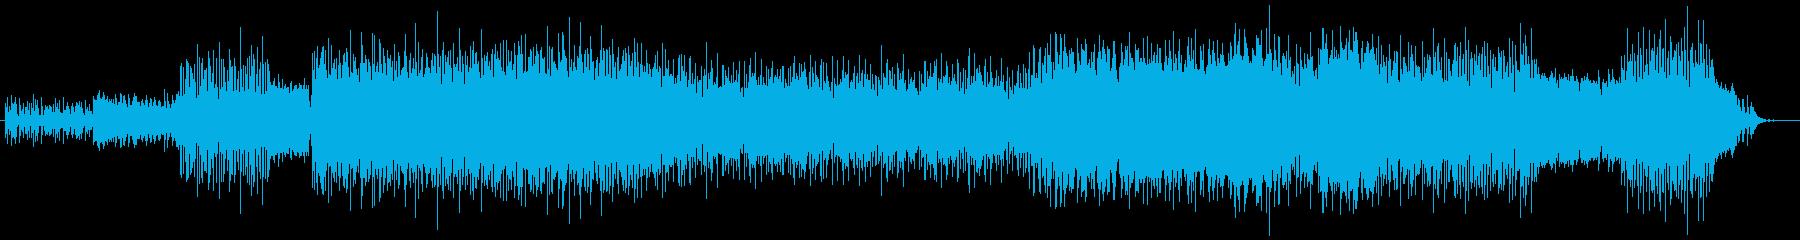 ギターリフがかっこいいパワフルな曲の再生済みの波形